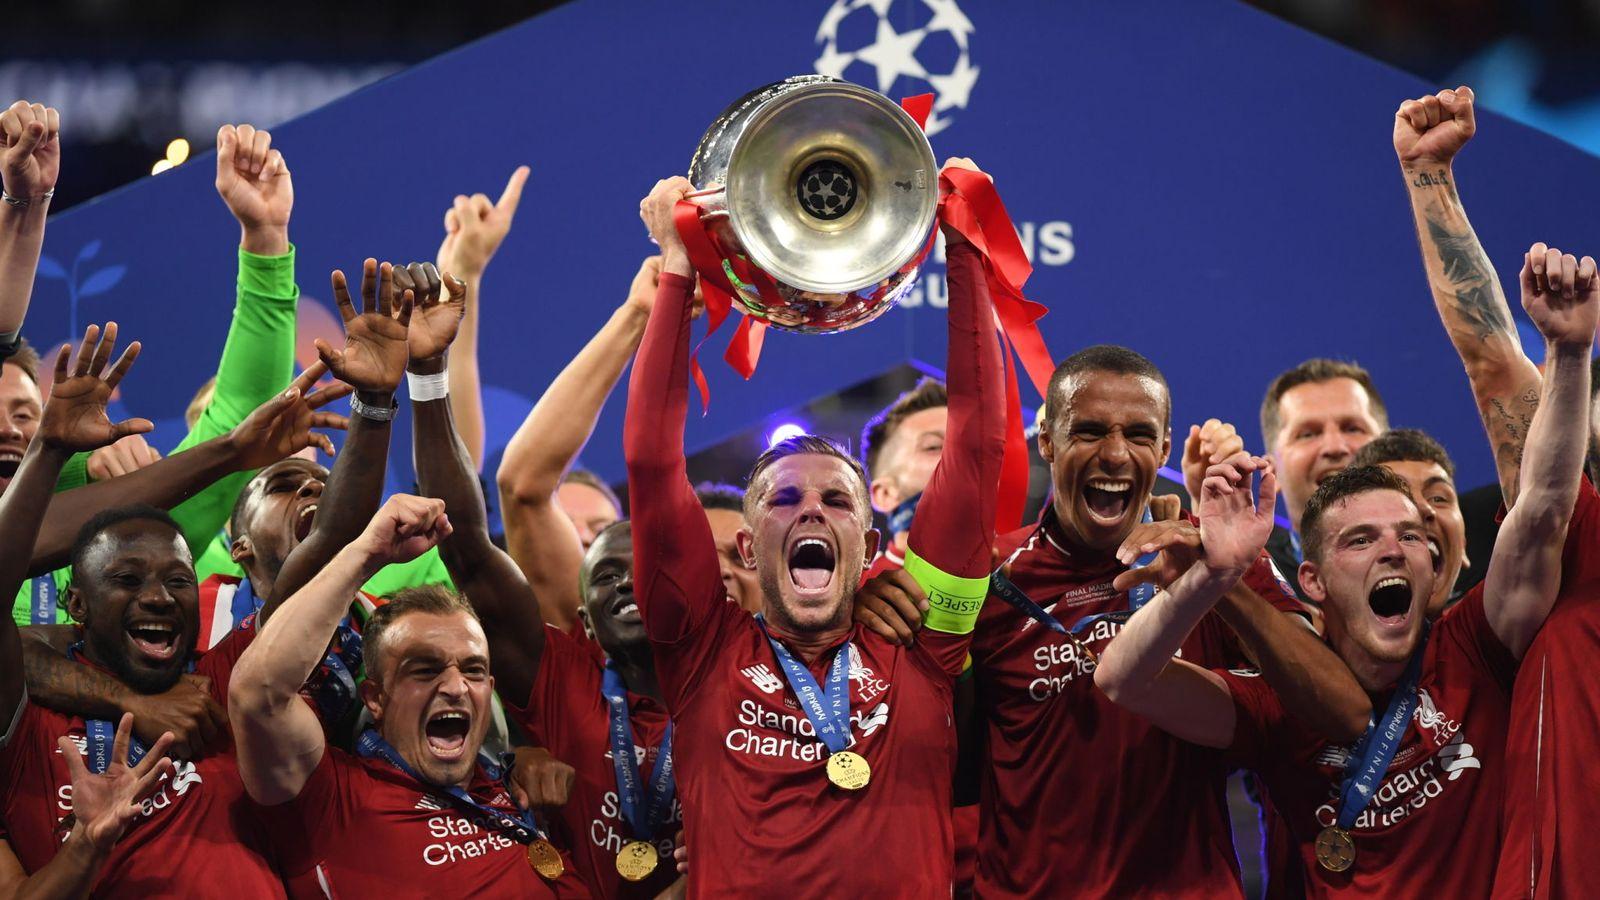 هاندرسون كابتن فريق ليفربول يرفع كأس دوري أبطال أوروبا 2حزيران 2019 (سكاي نيوز)